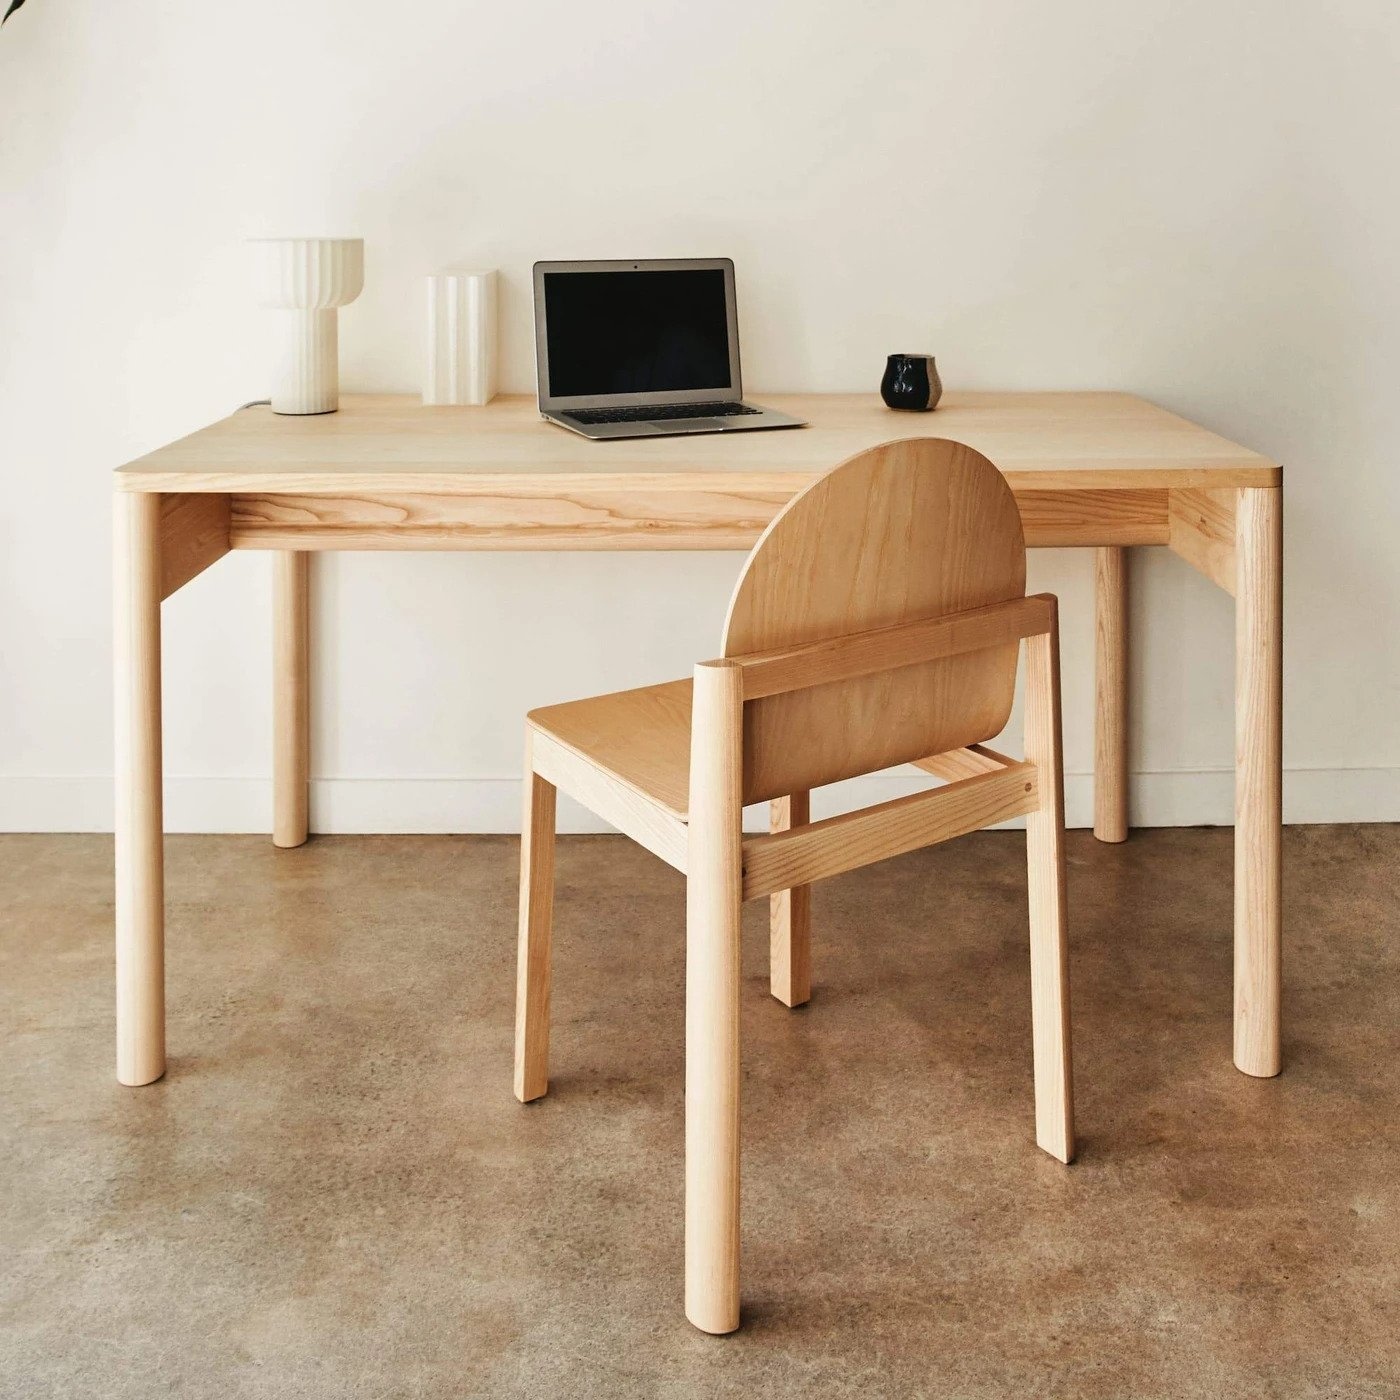 Eave Desk | Source: dimshome.com